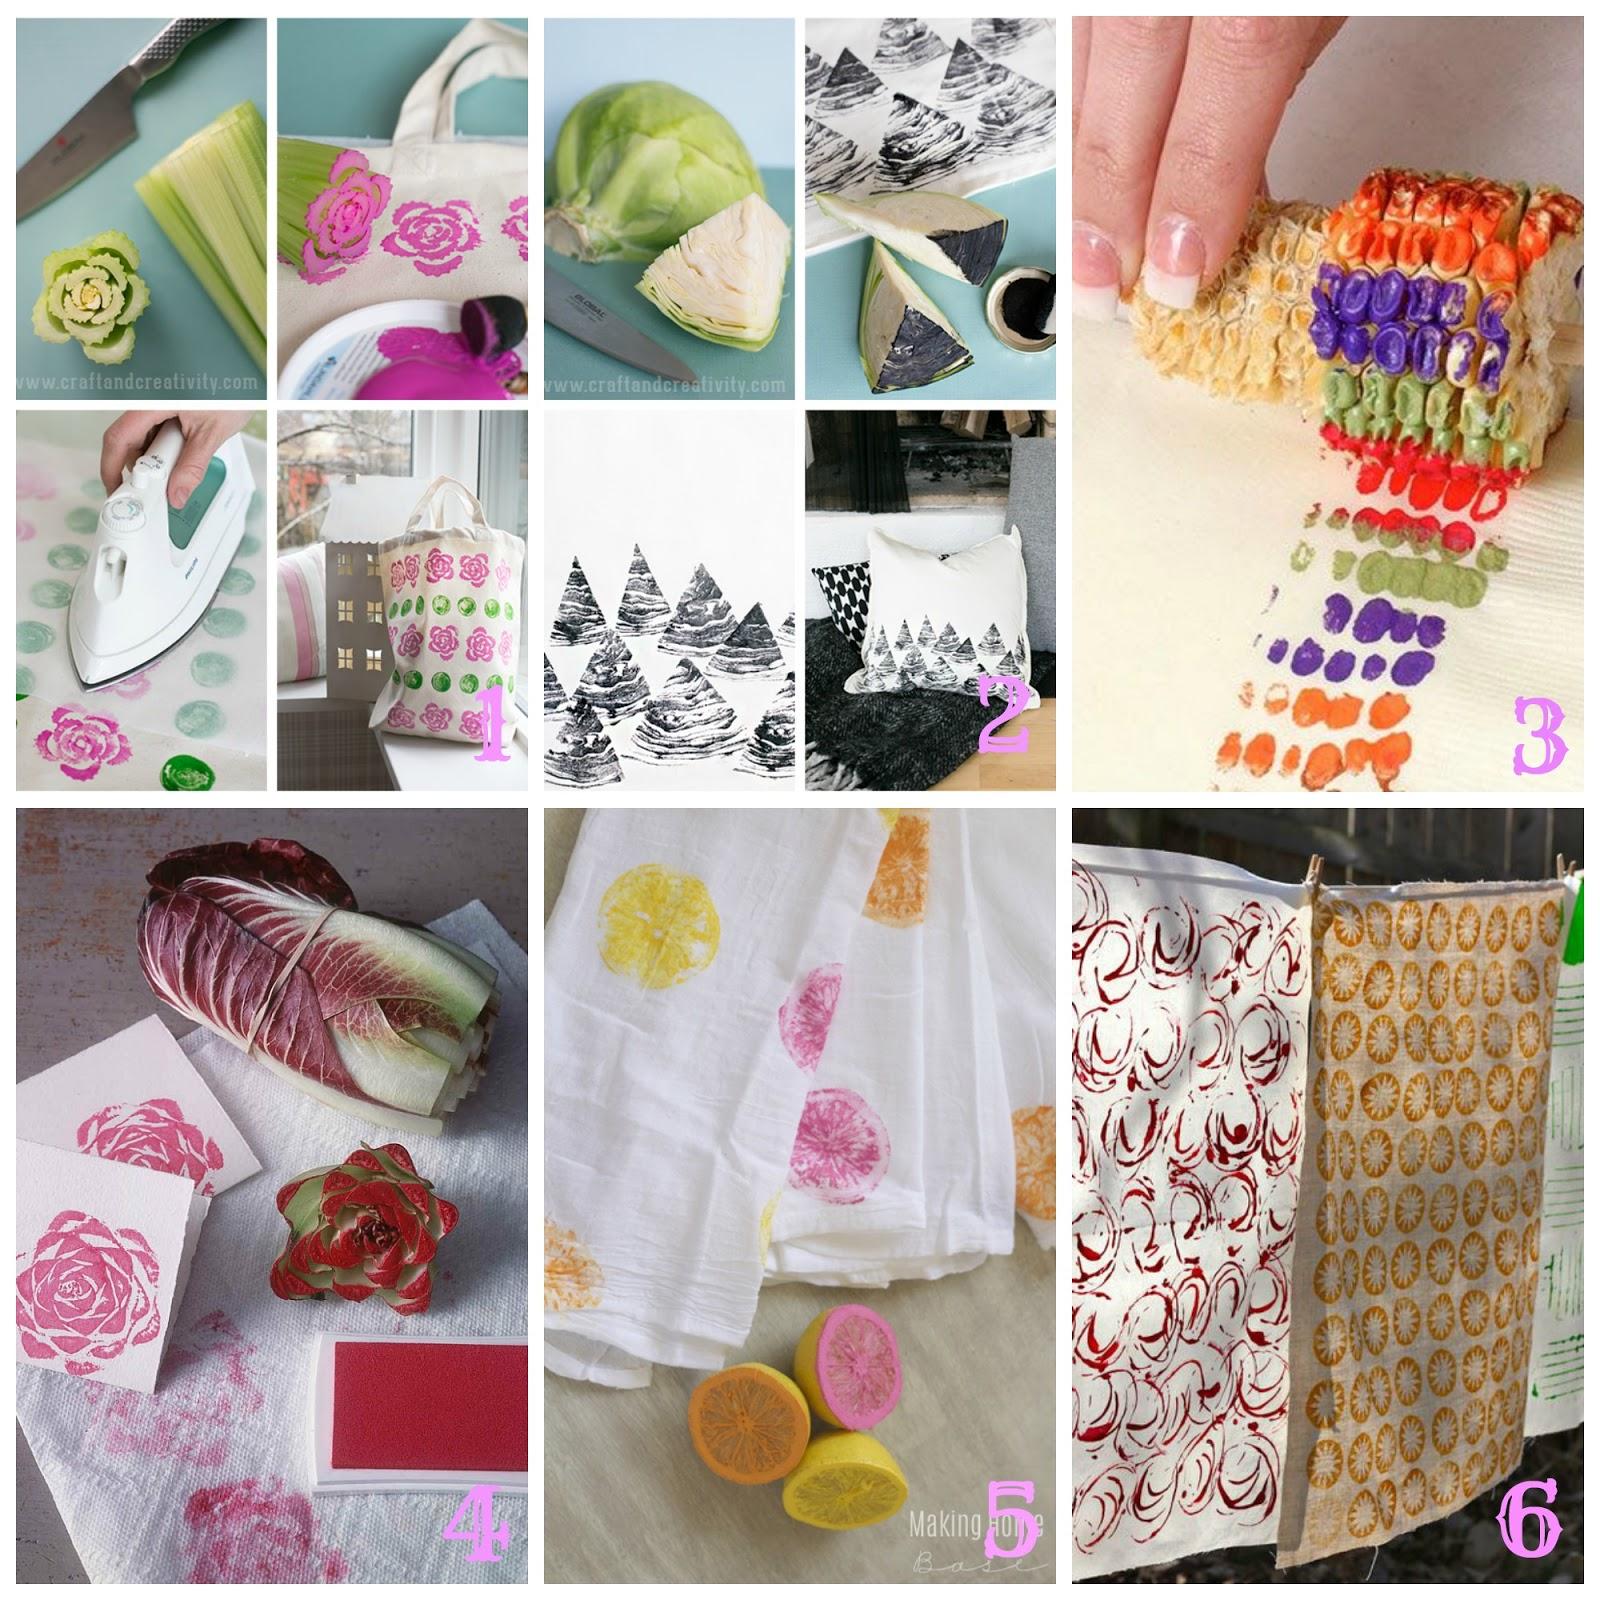 Stampe fai da te su carta e stoffa con verdura e oggetti for Oggetti fai da te